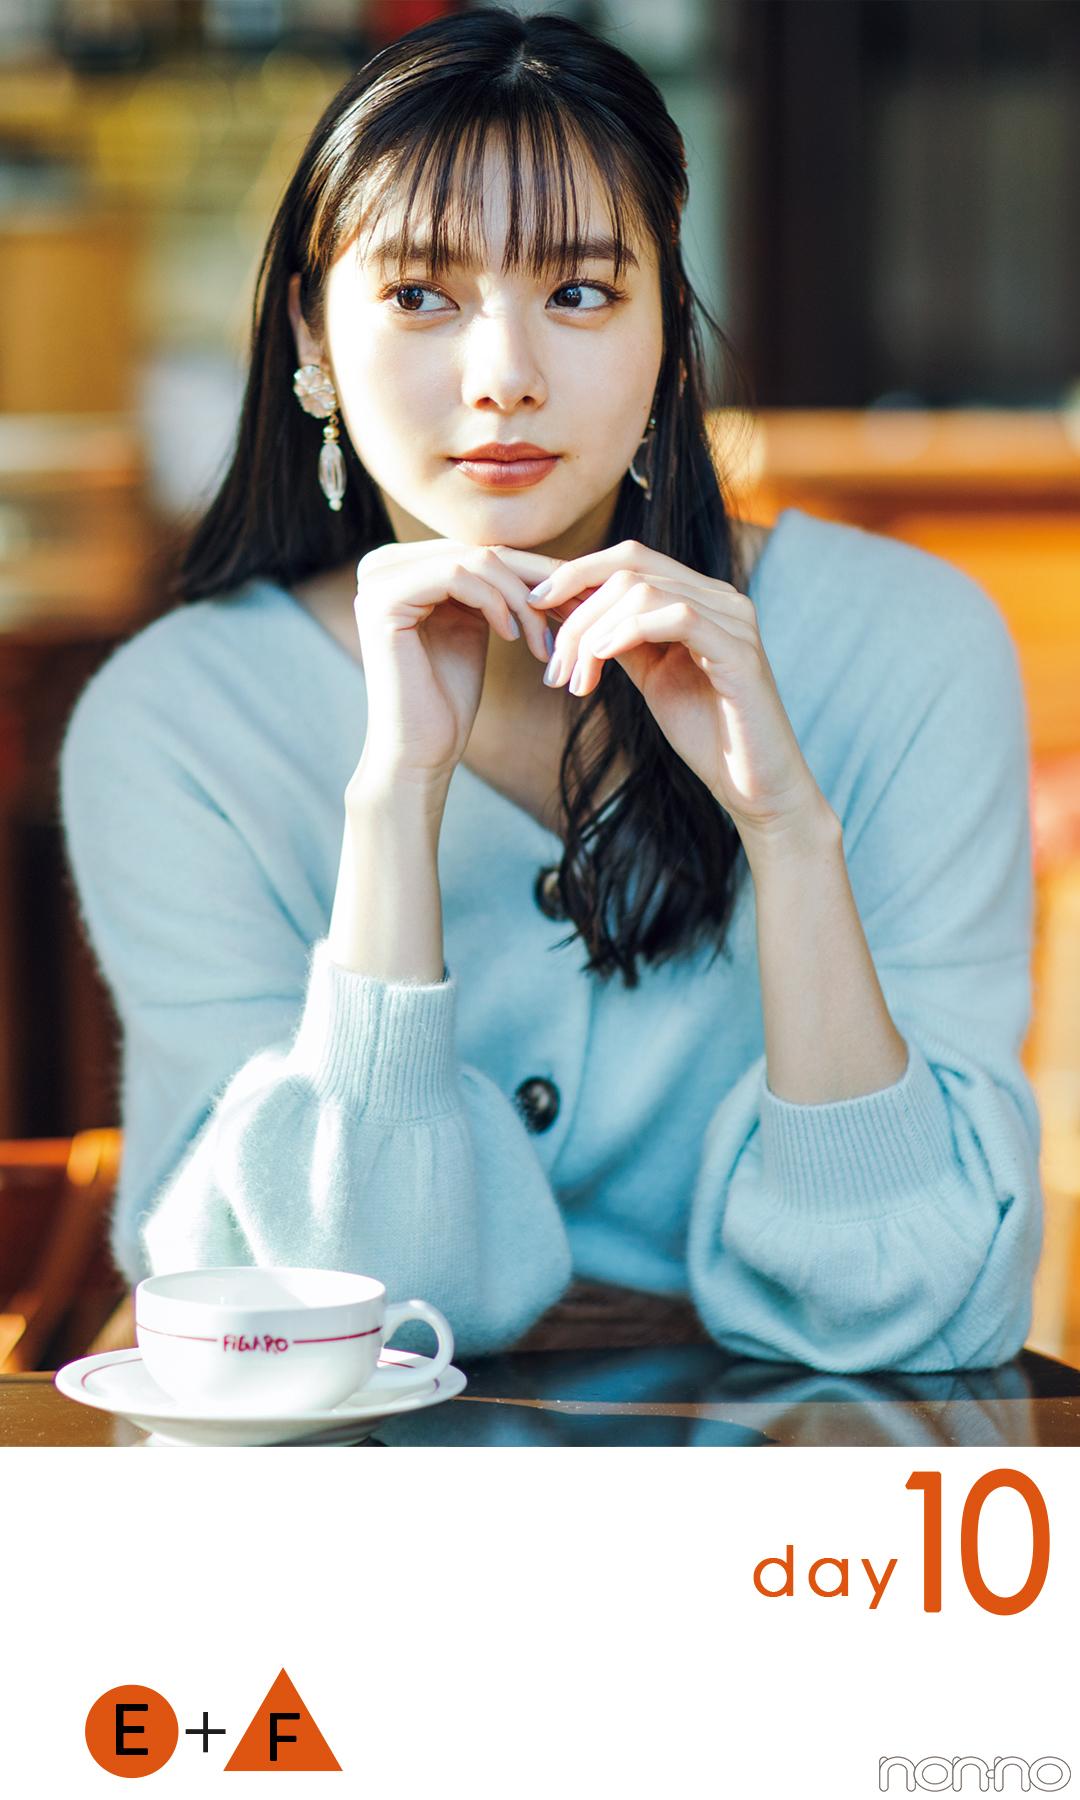 【第3話】 優愛と優子の恋とおしゃれ、どうなる? 12月のモテる着回しコーデ14days!_1_2-3